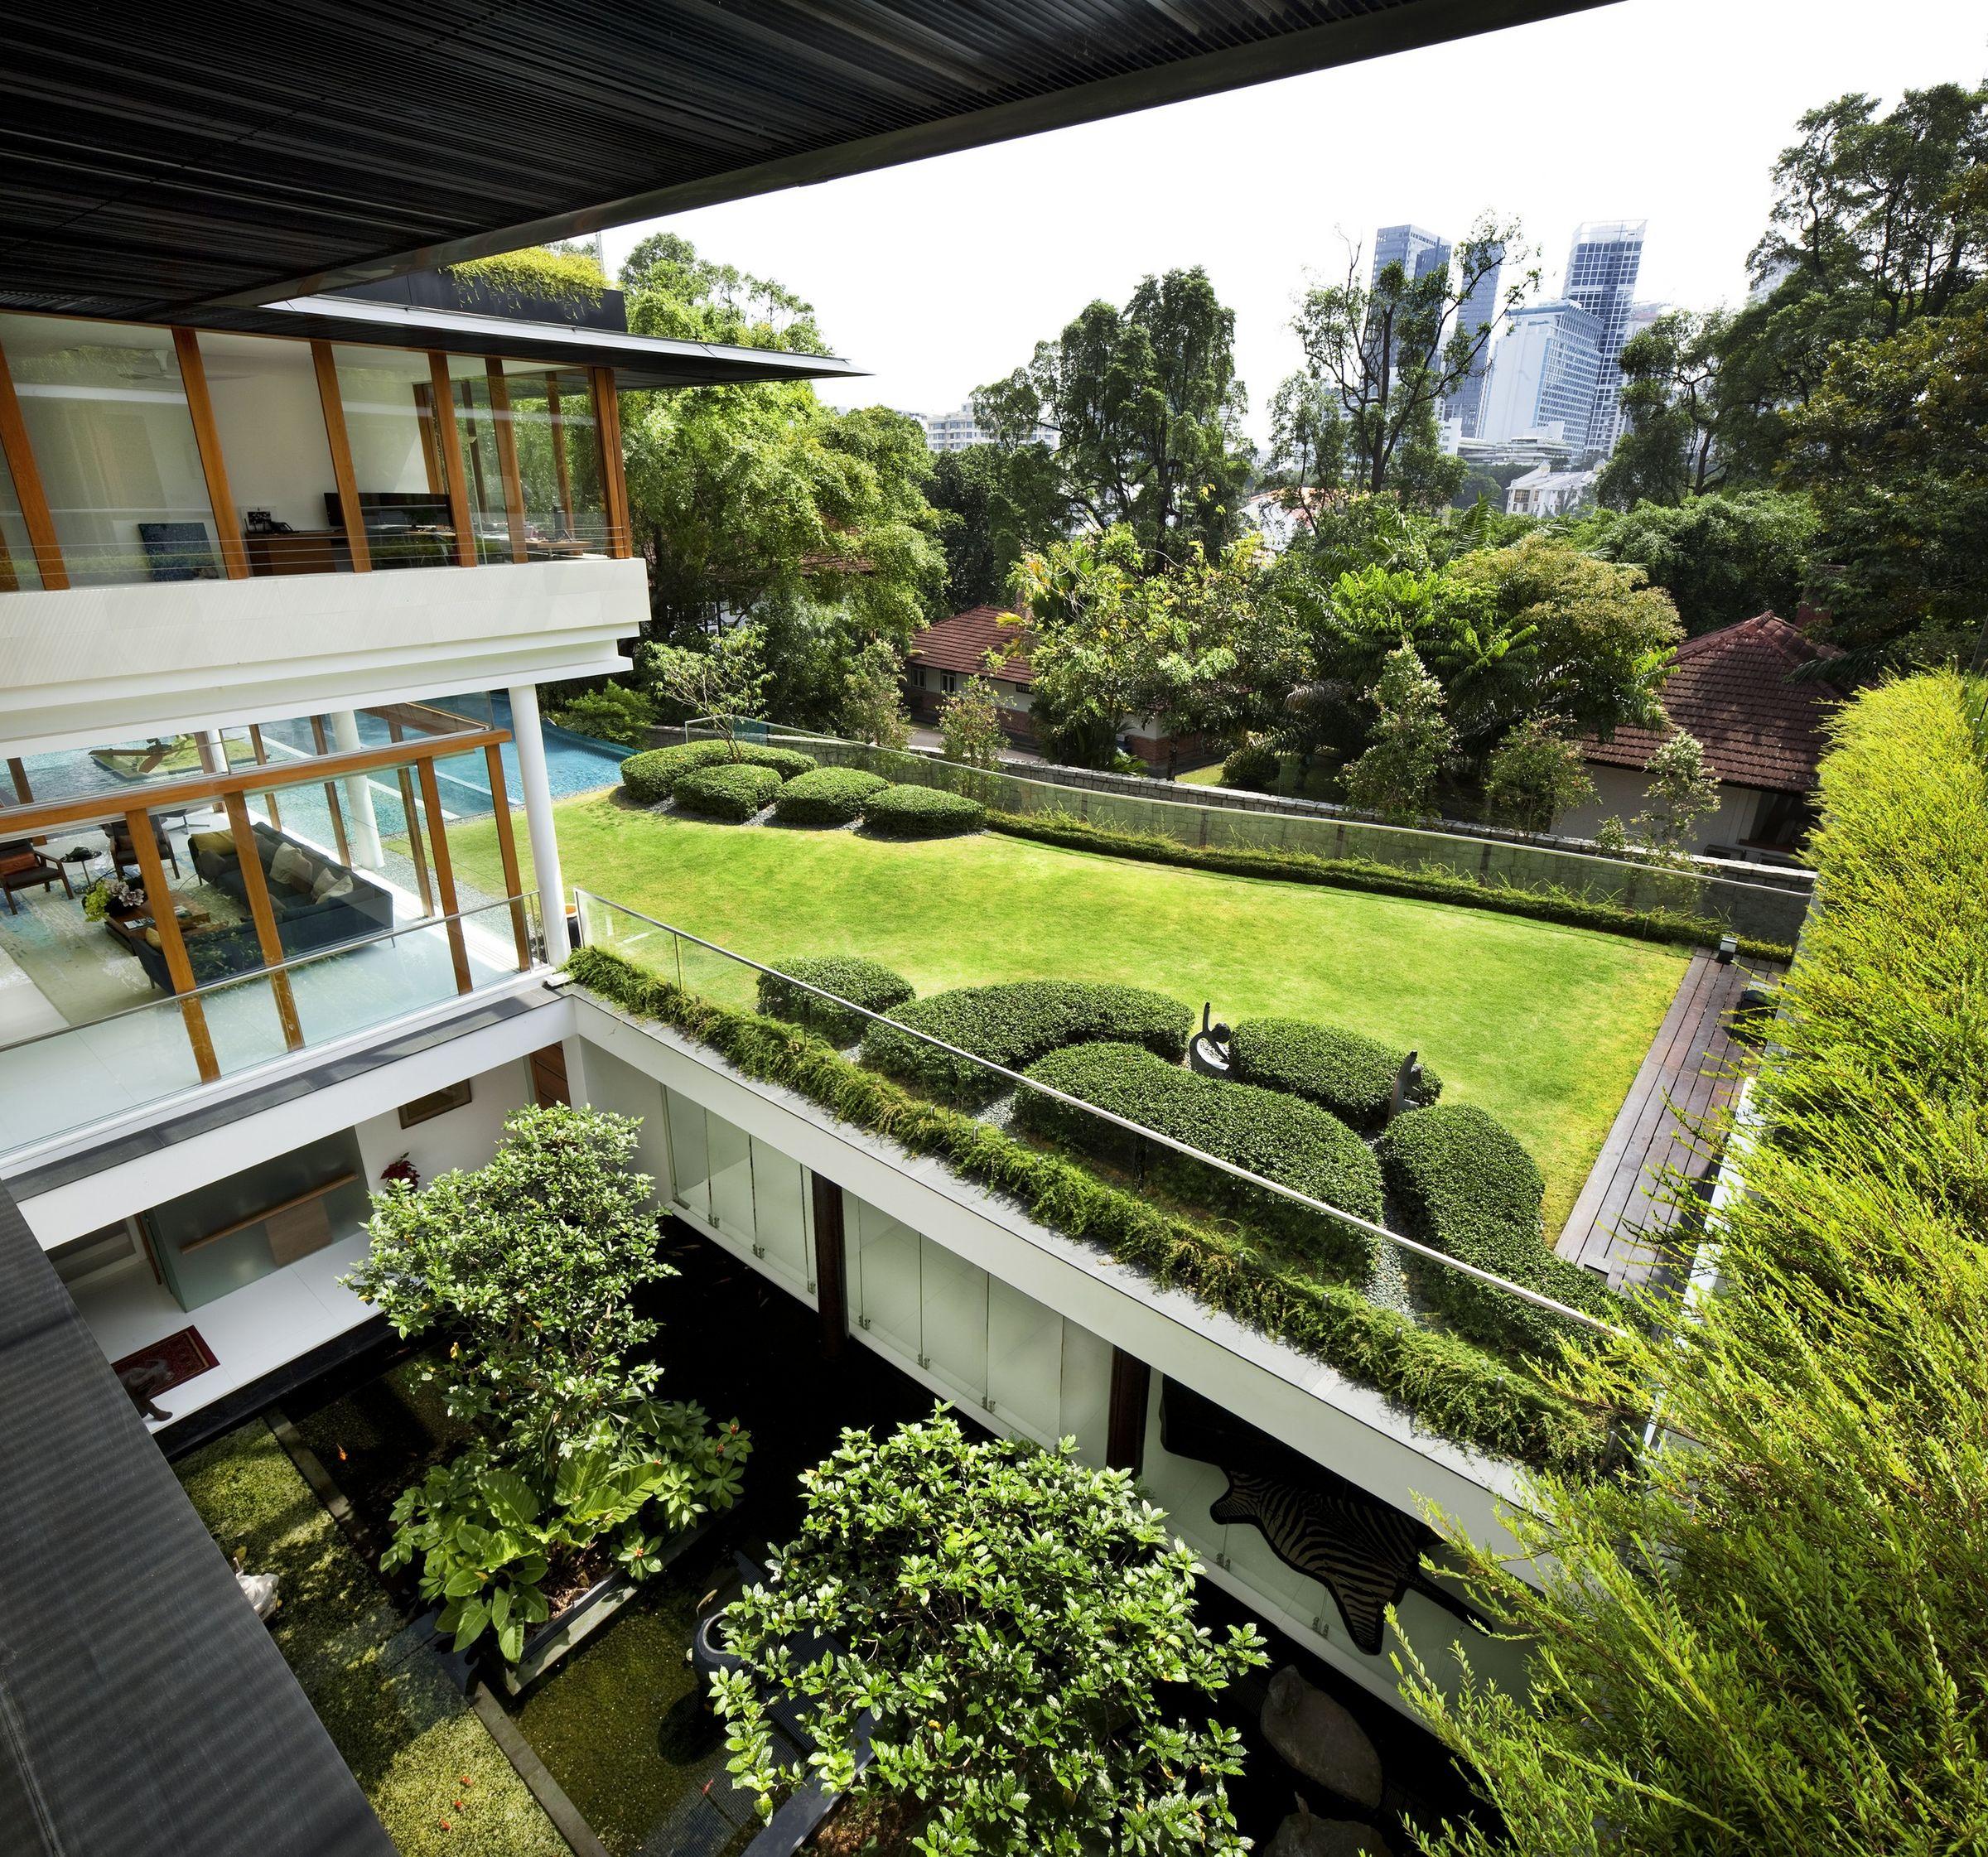 cac mau nha biet thu co san vuon dep nhat the gioi 31 50+ mẫu nhà biệt thự có sân vườn xanh mát mê mọi góc cạnh của thế giới